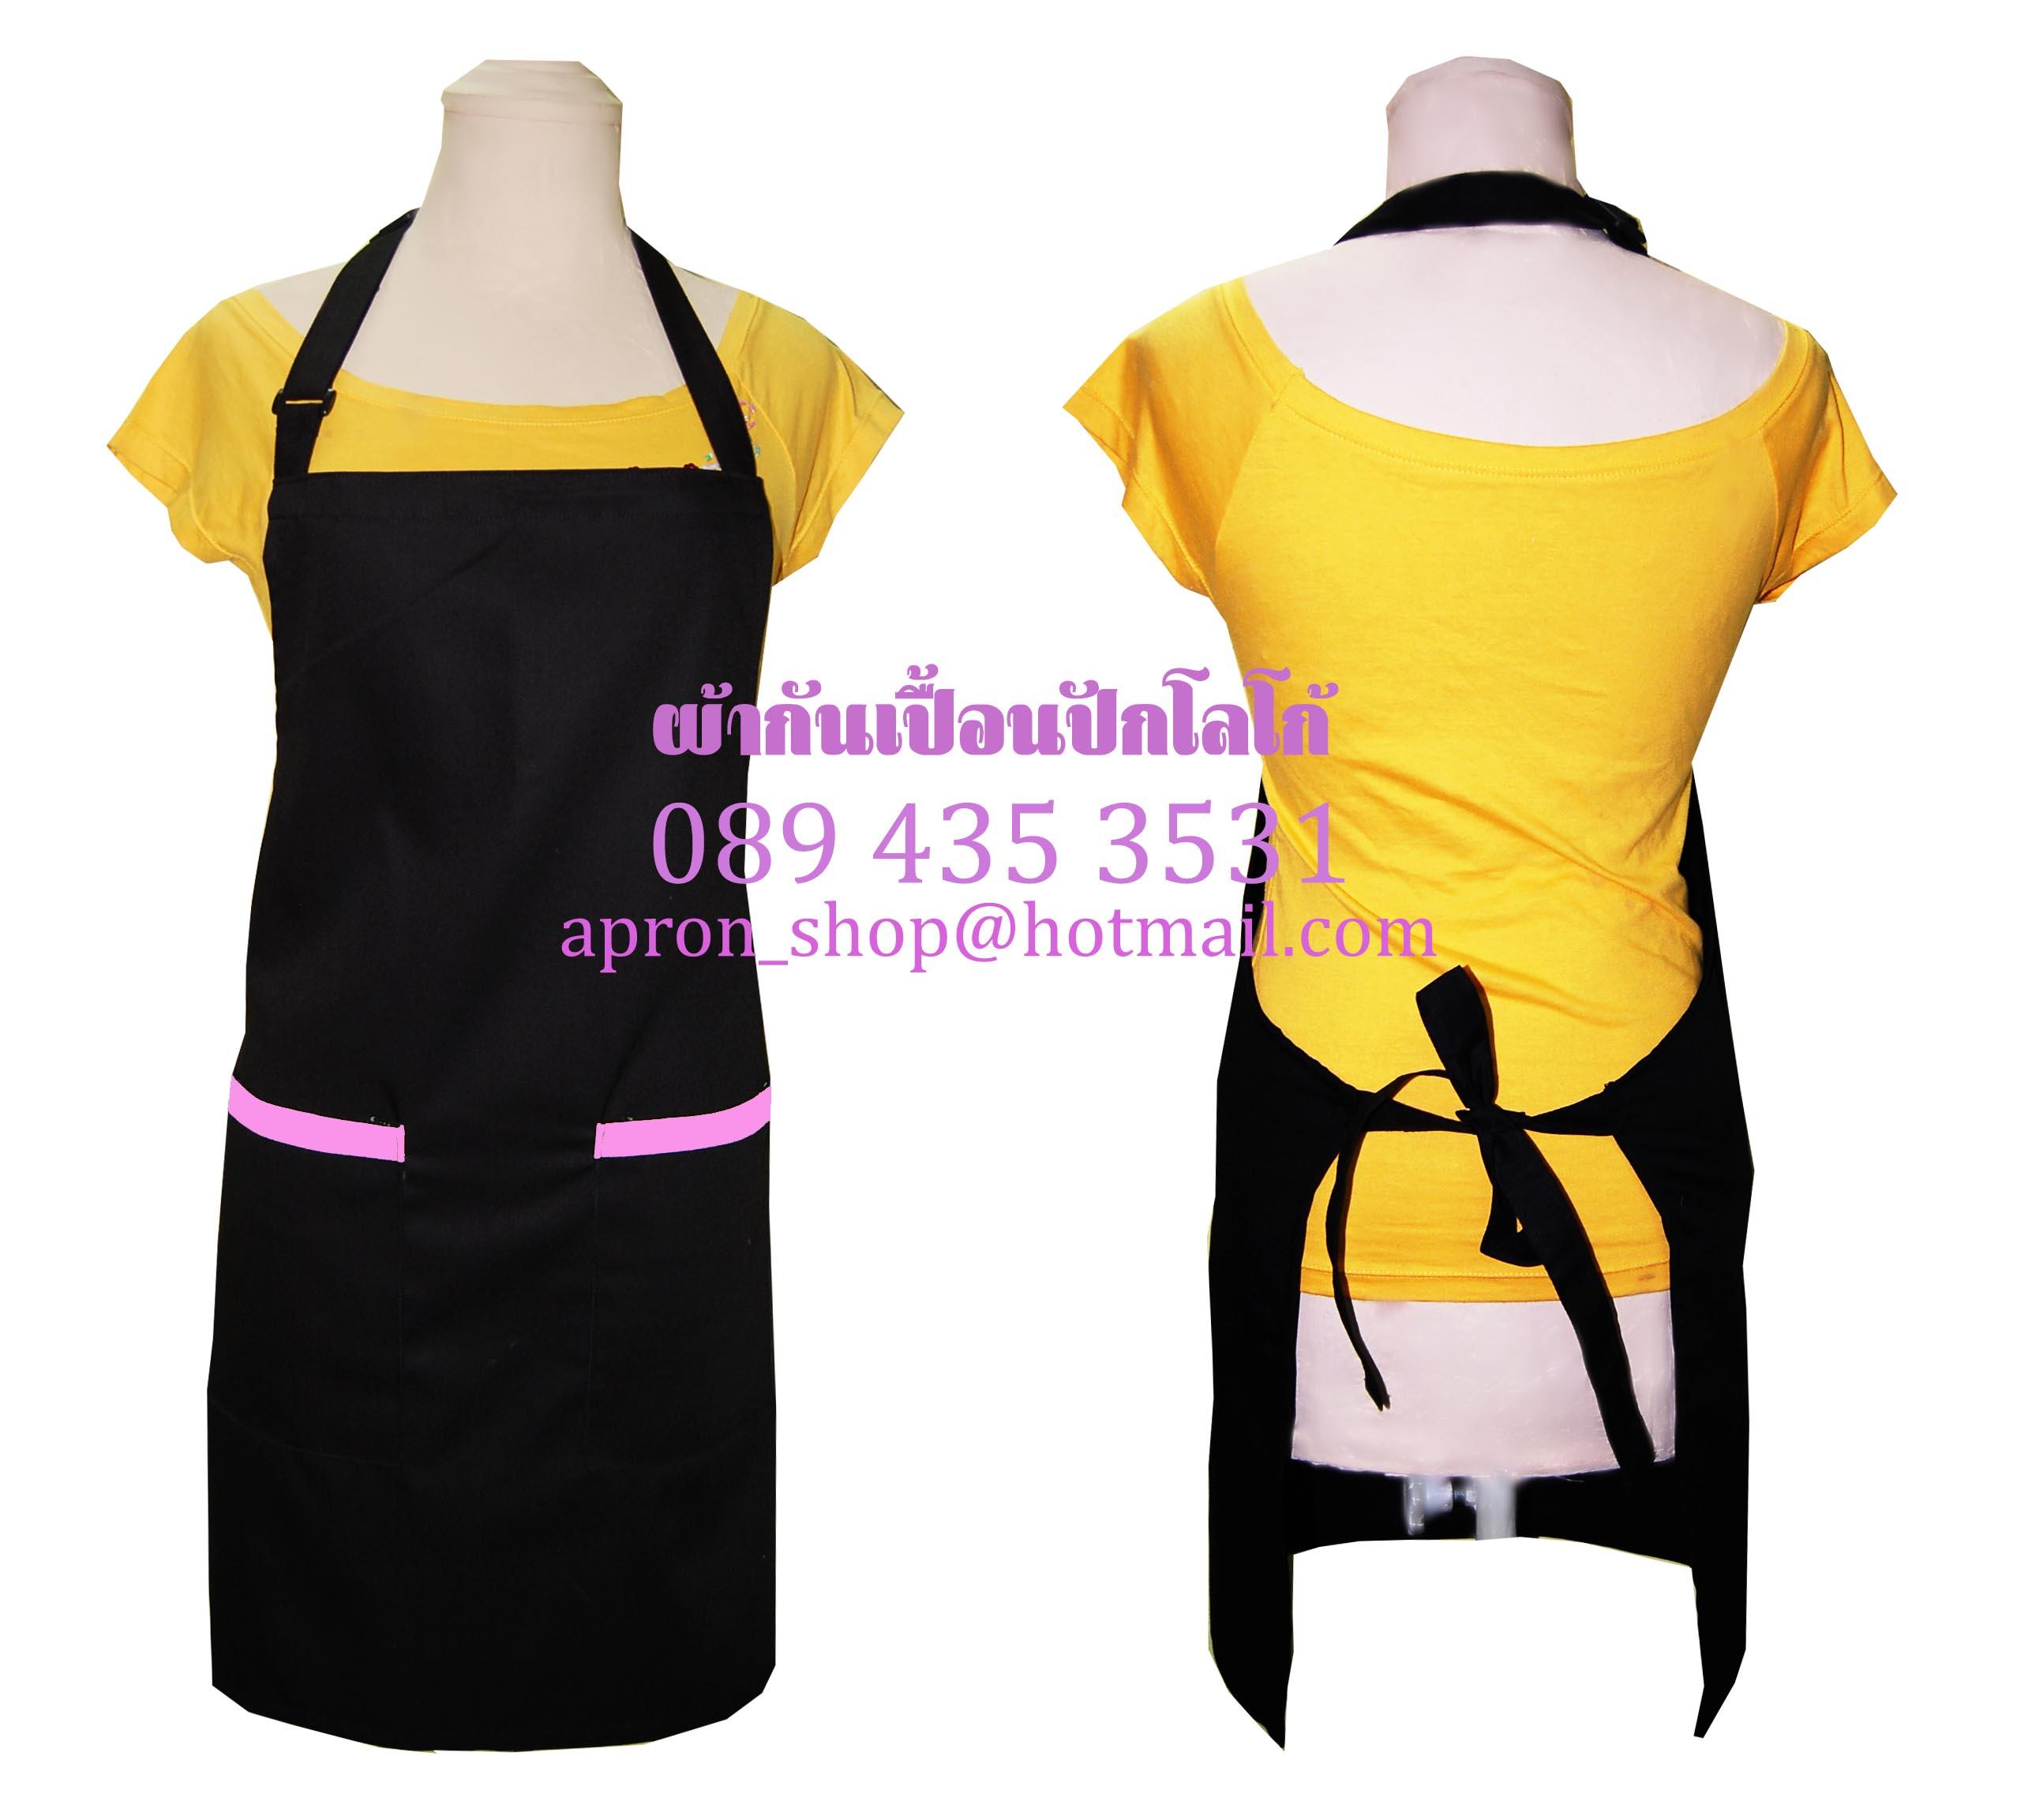 ผ้ากันเปื้อนเต็มตัว กระเป๋าเล็ก2ใบ สีดำแต่งขอบกระเป๋าสีชมพู